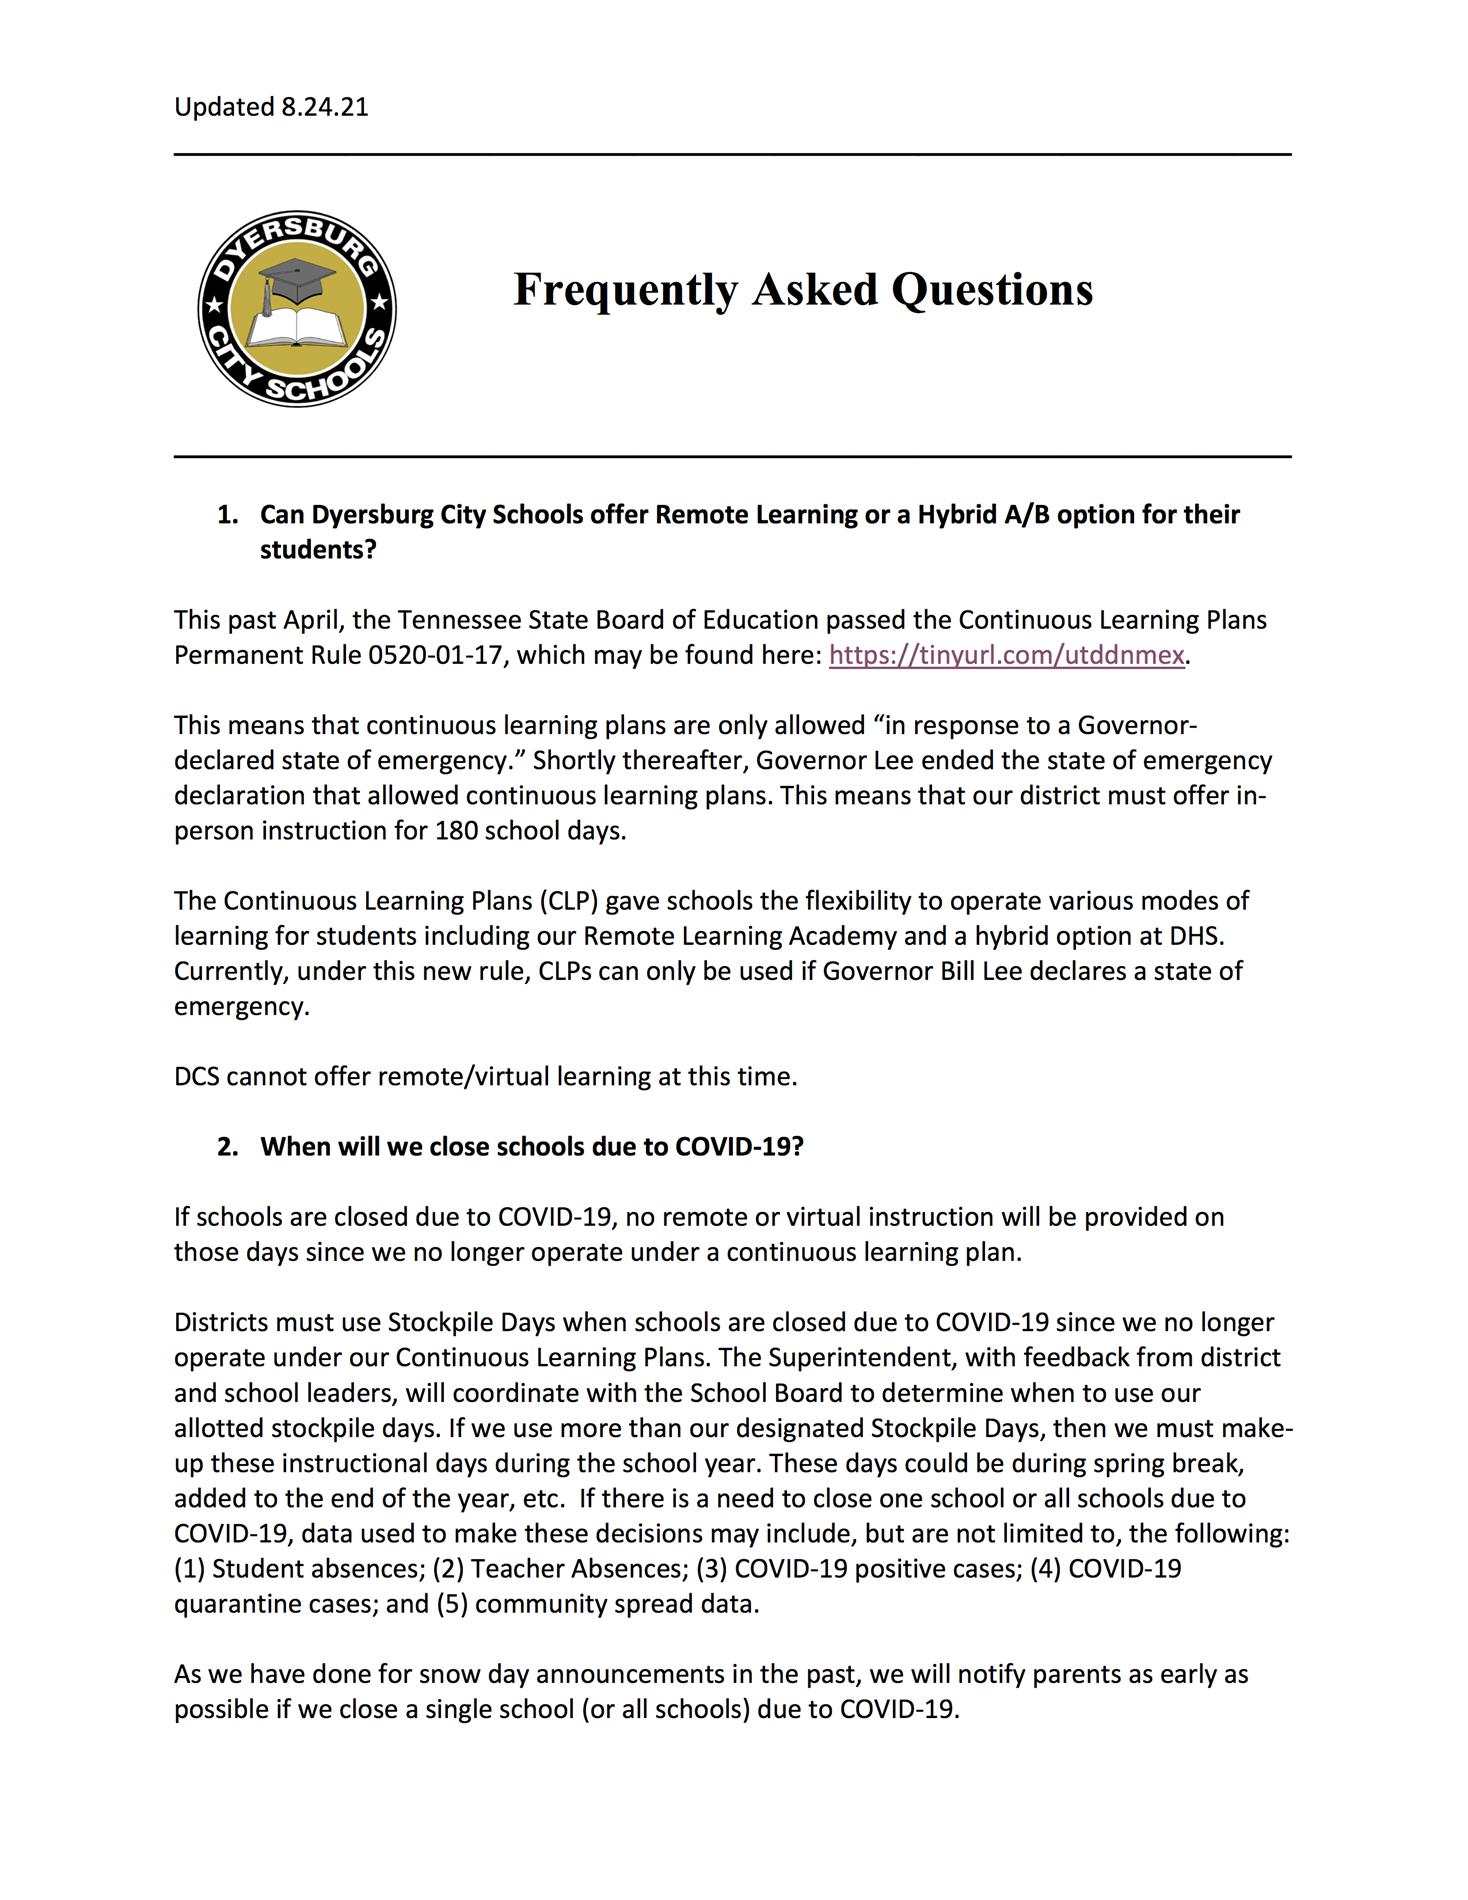 FAQ Page 1